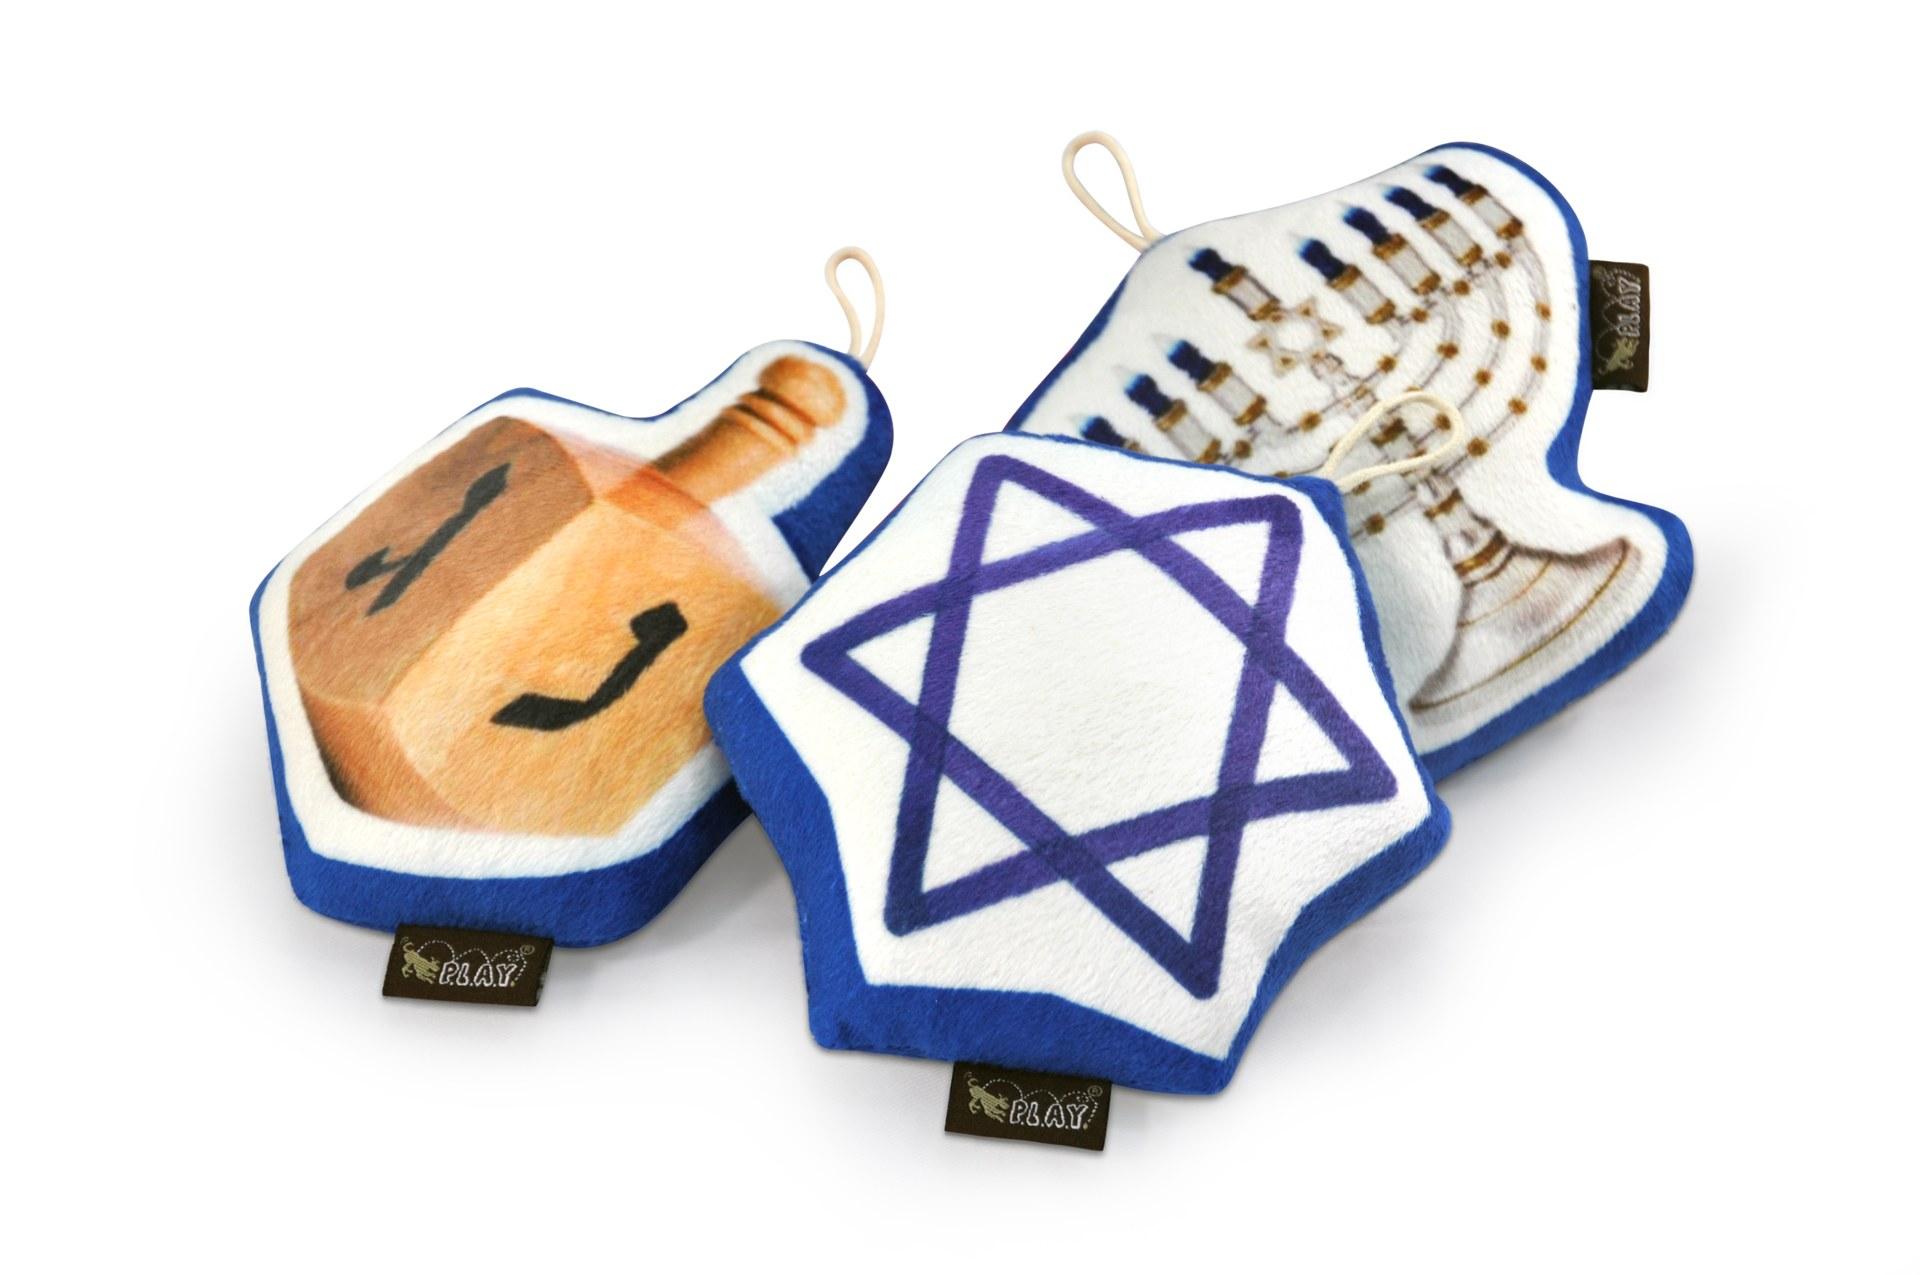 P.L.A.Y. Hanukkah Dog Toy Set